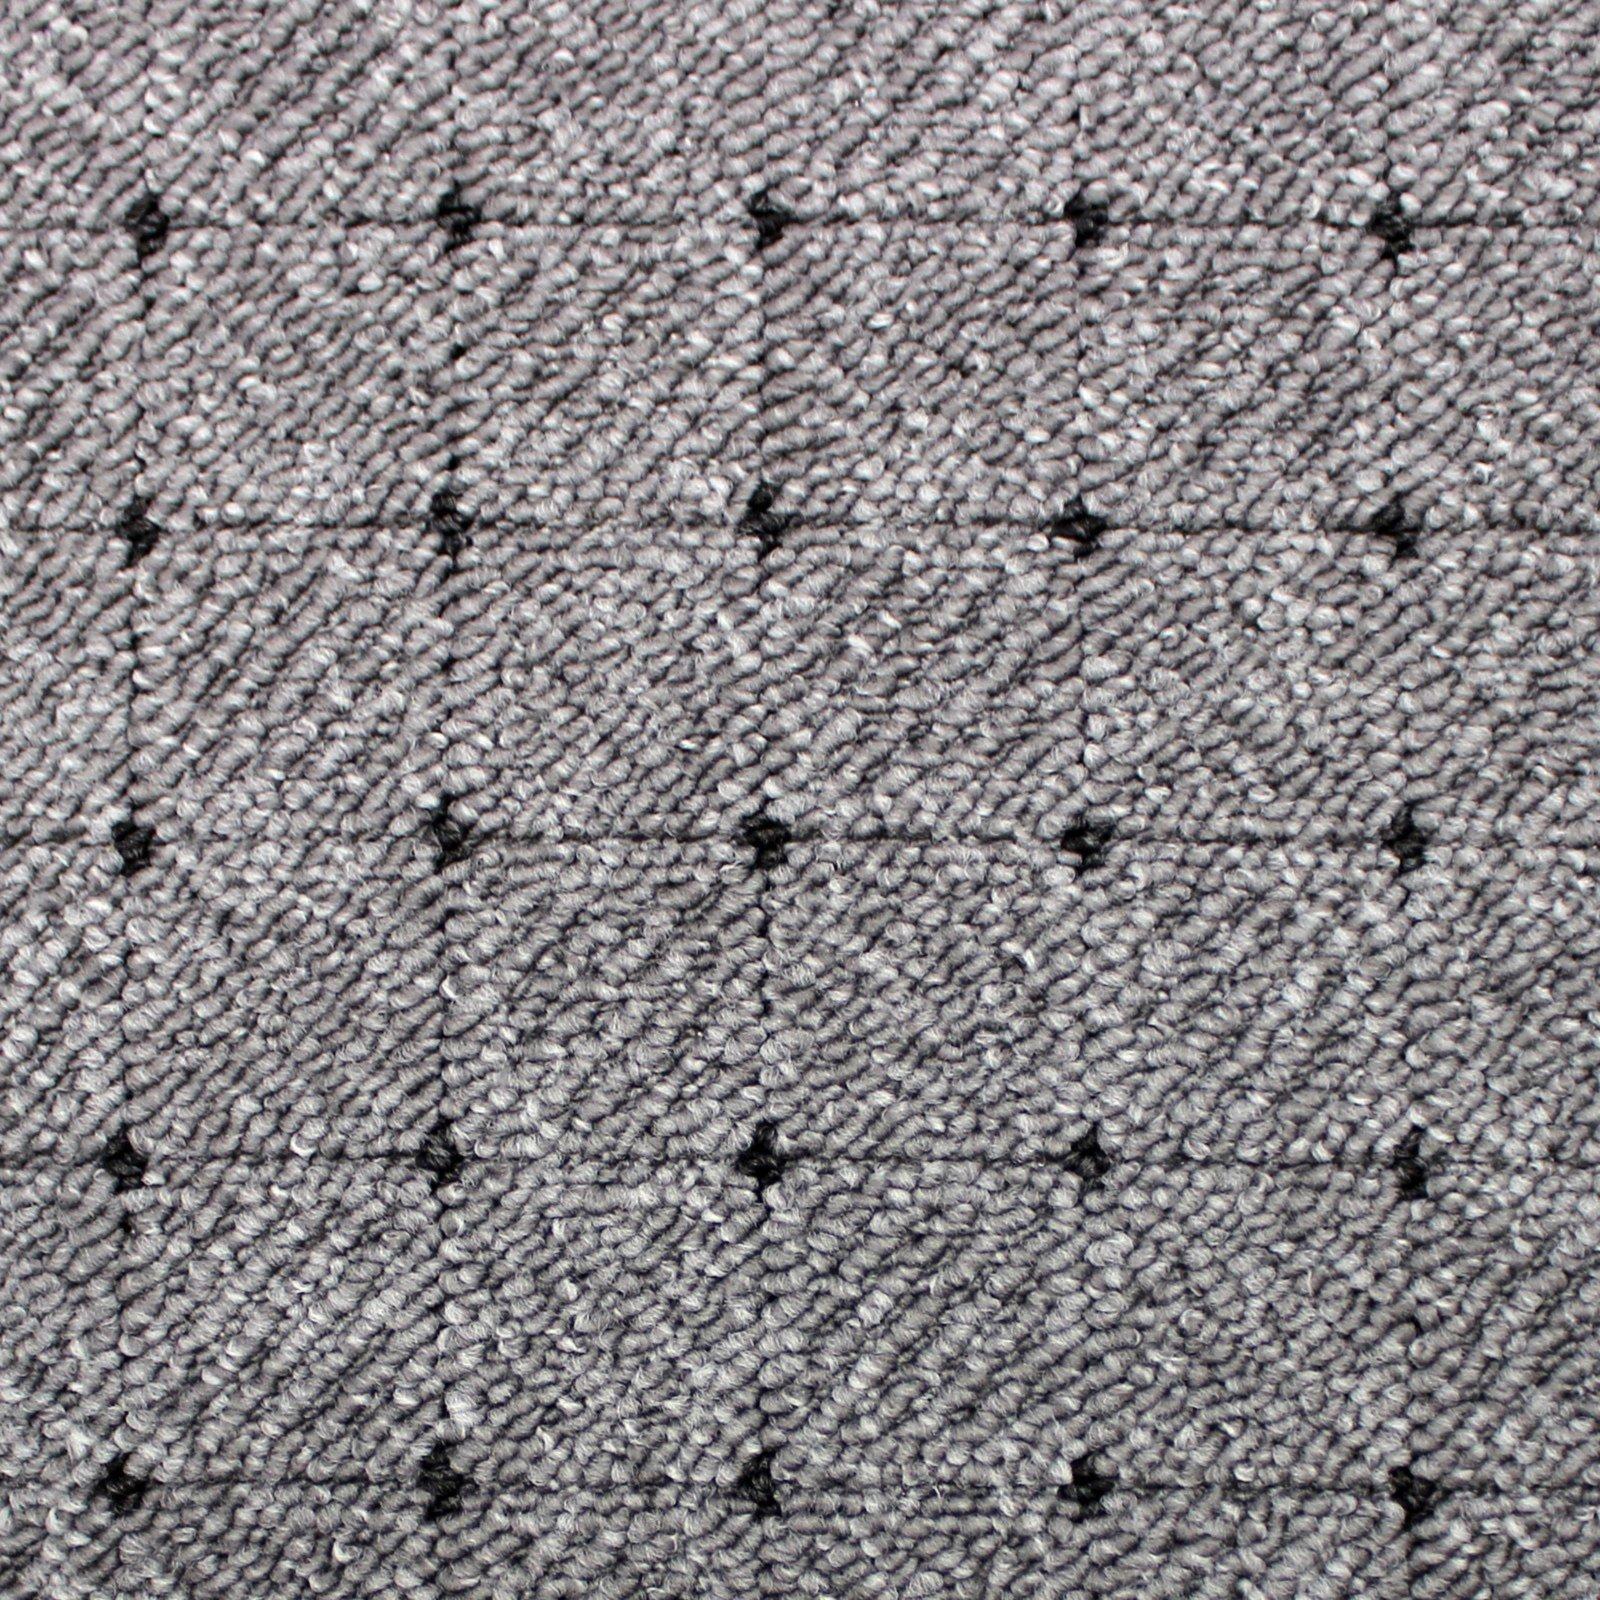 Bodenbeläge Aachen teppichboden aachen grau 4 meter breit teppichboden